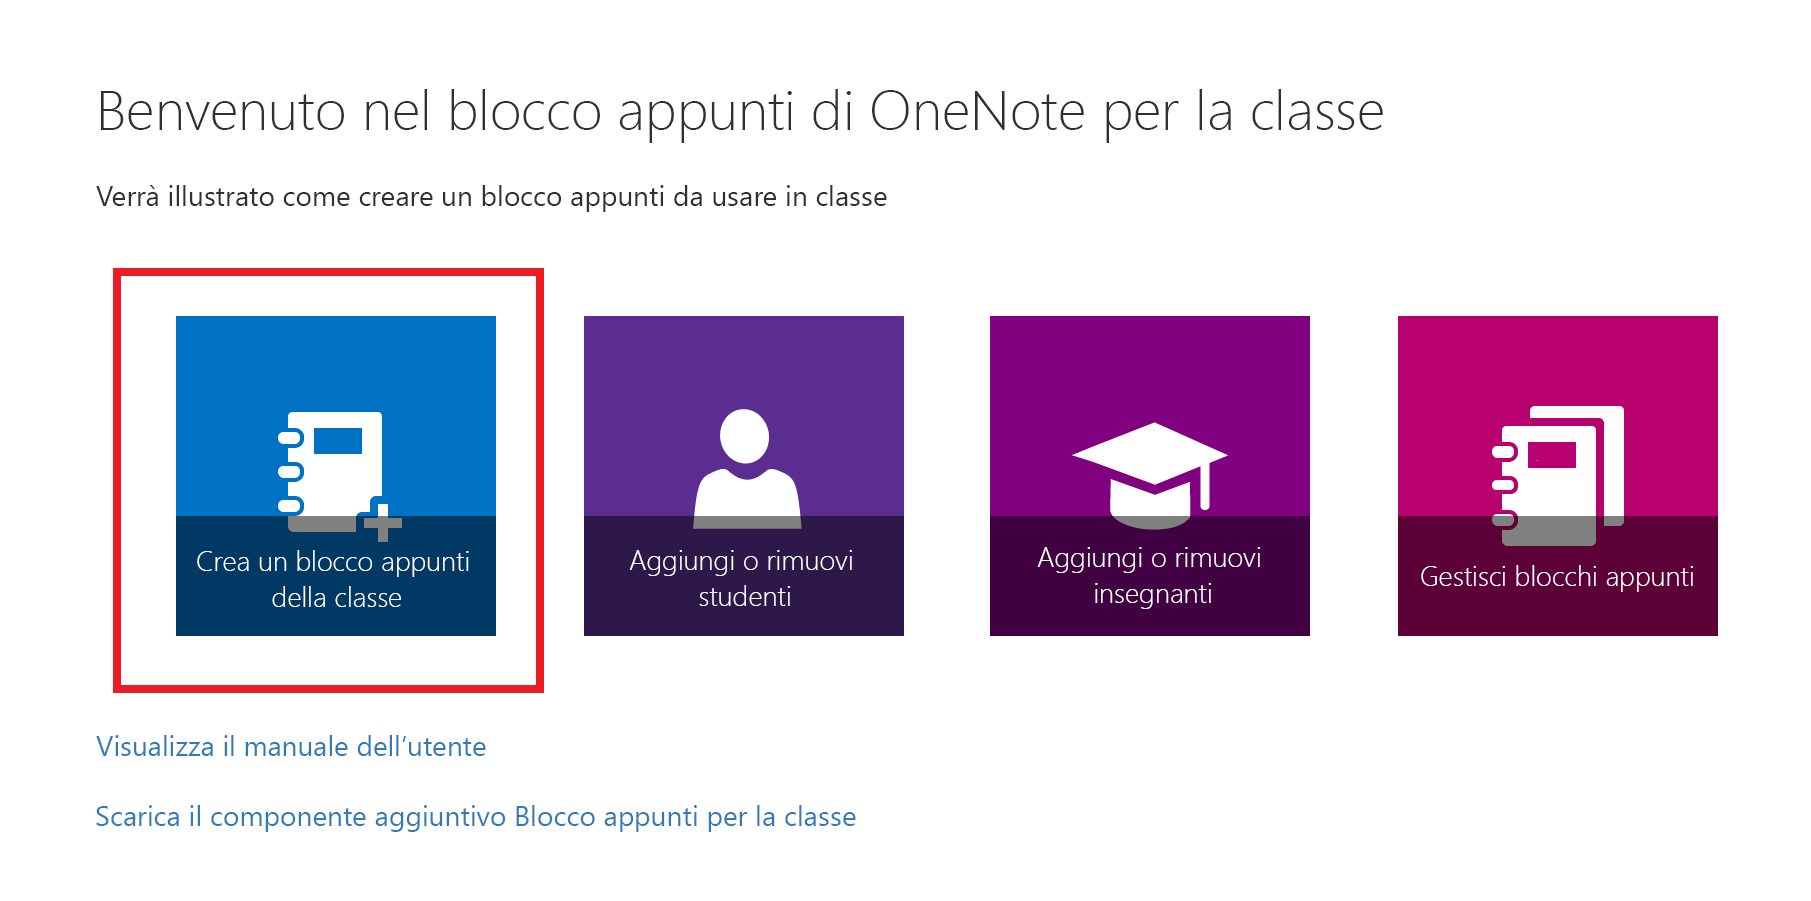 Screenshot della pagina iniziale dell'app Blocco appunti di OneNote per la classe.